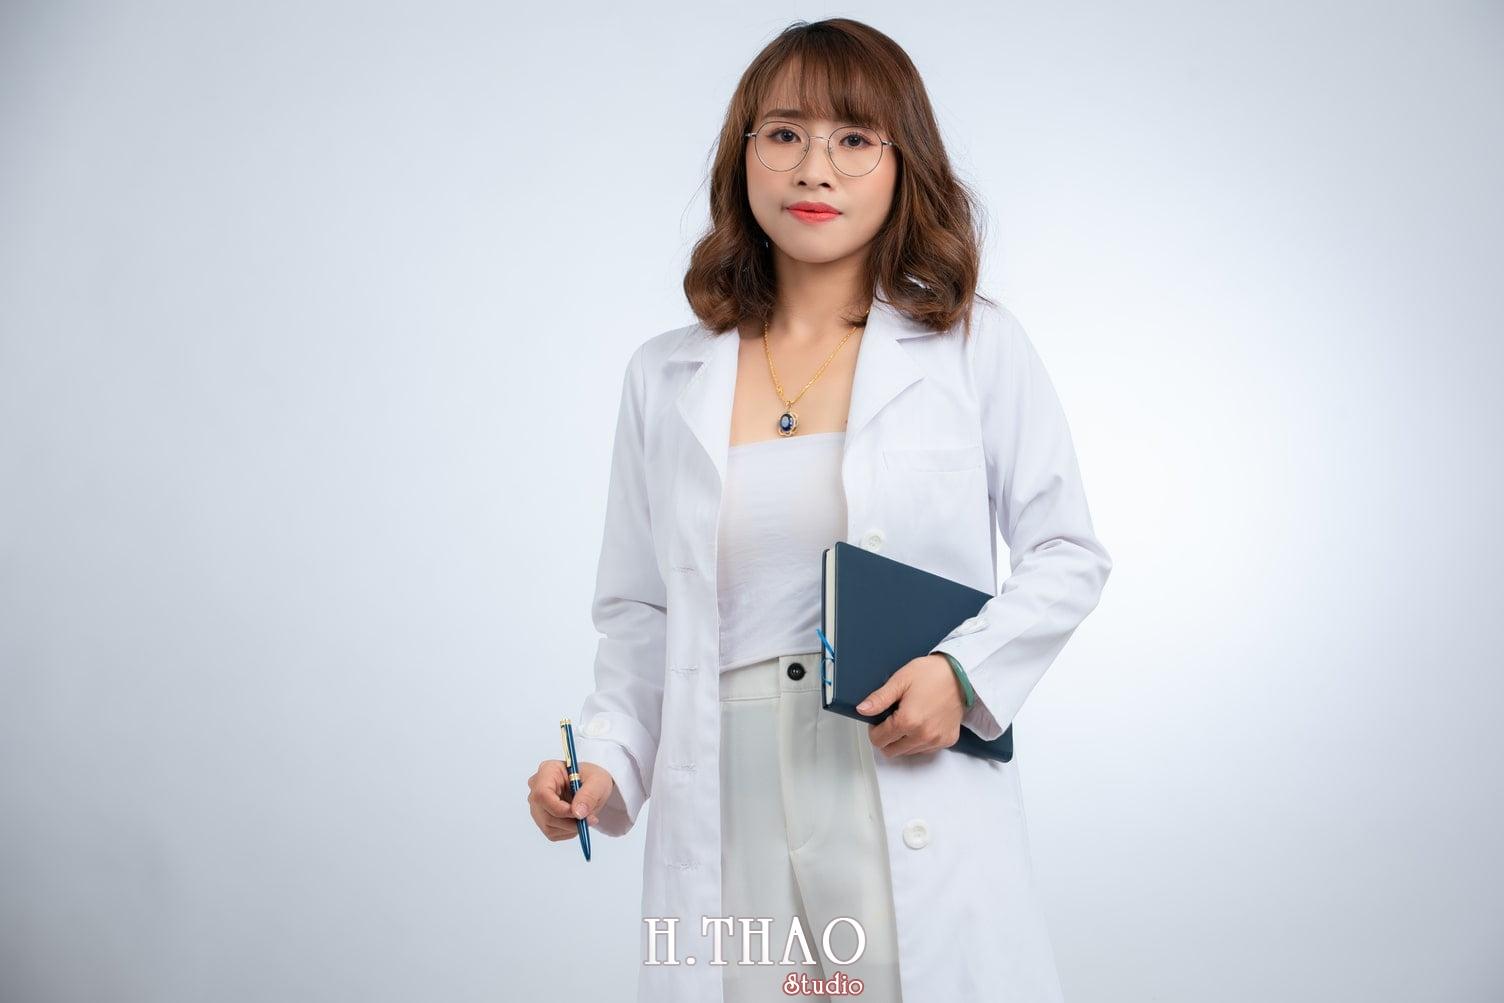 Profile bac si nu 5 - Tổng hợp ảnh profile nghề nghiệp Tháng 3 - HThao Studio